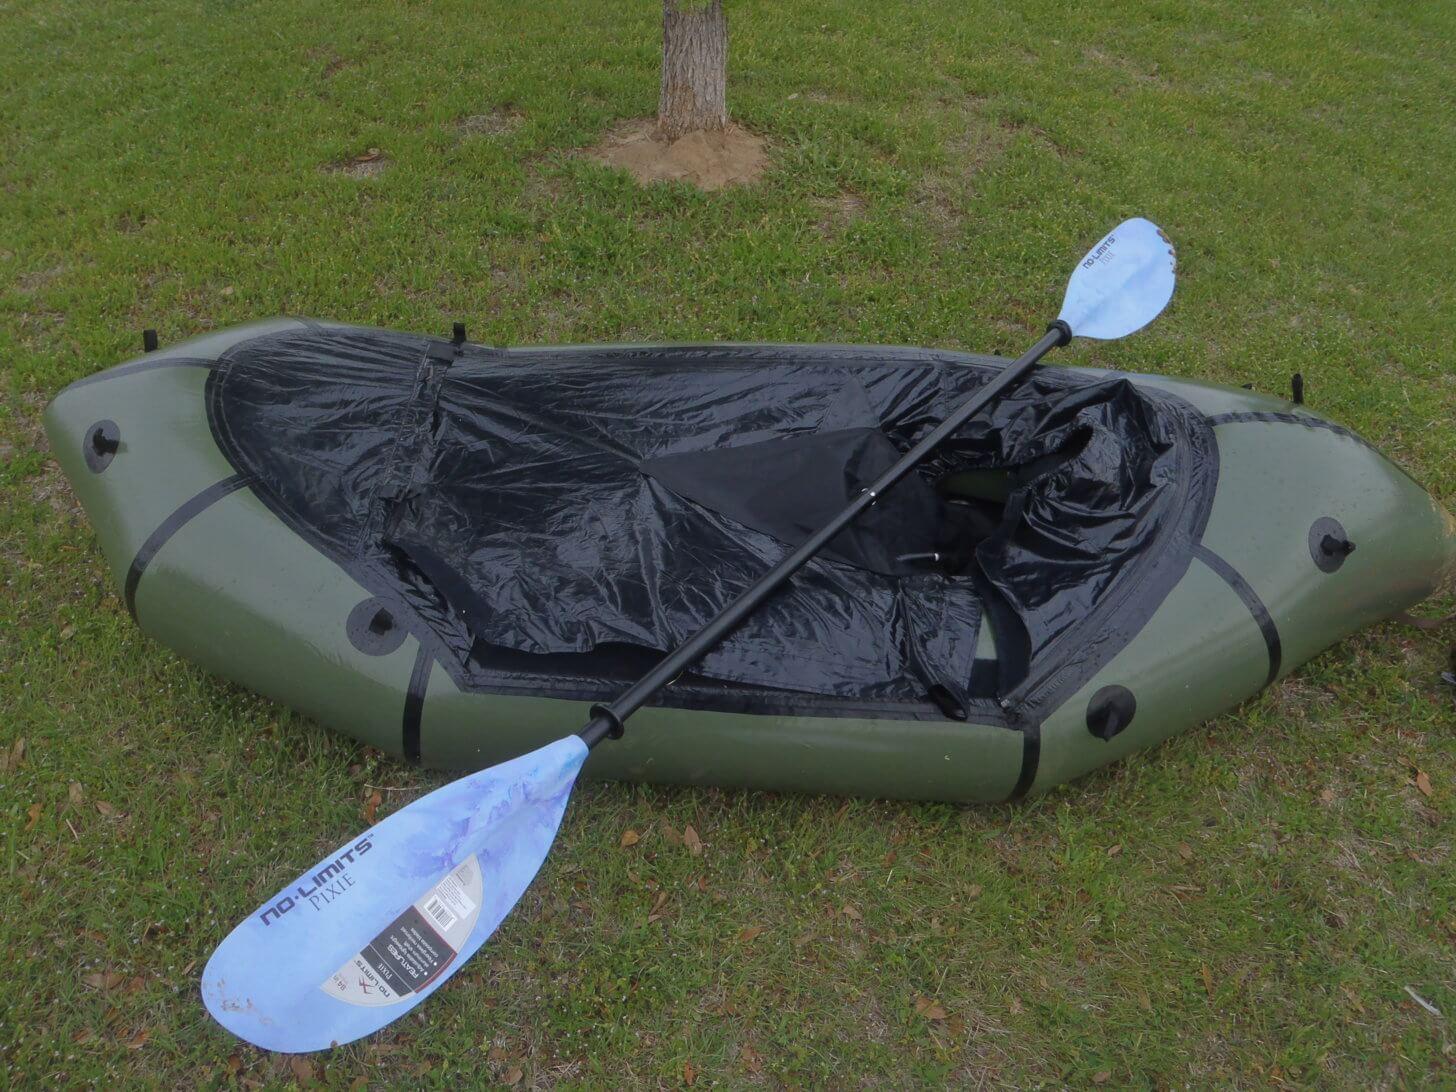 Packraft Reviews: An Alpacka raft with a Cruiser spray deck.